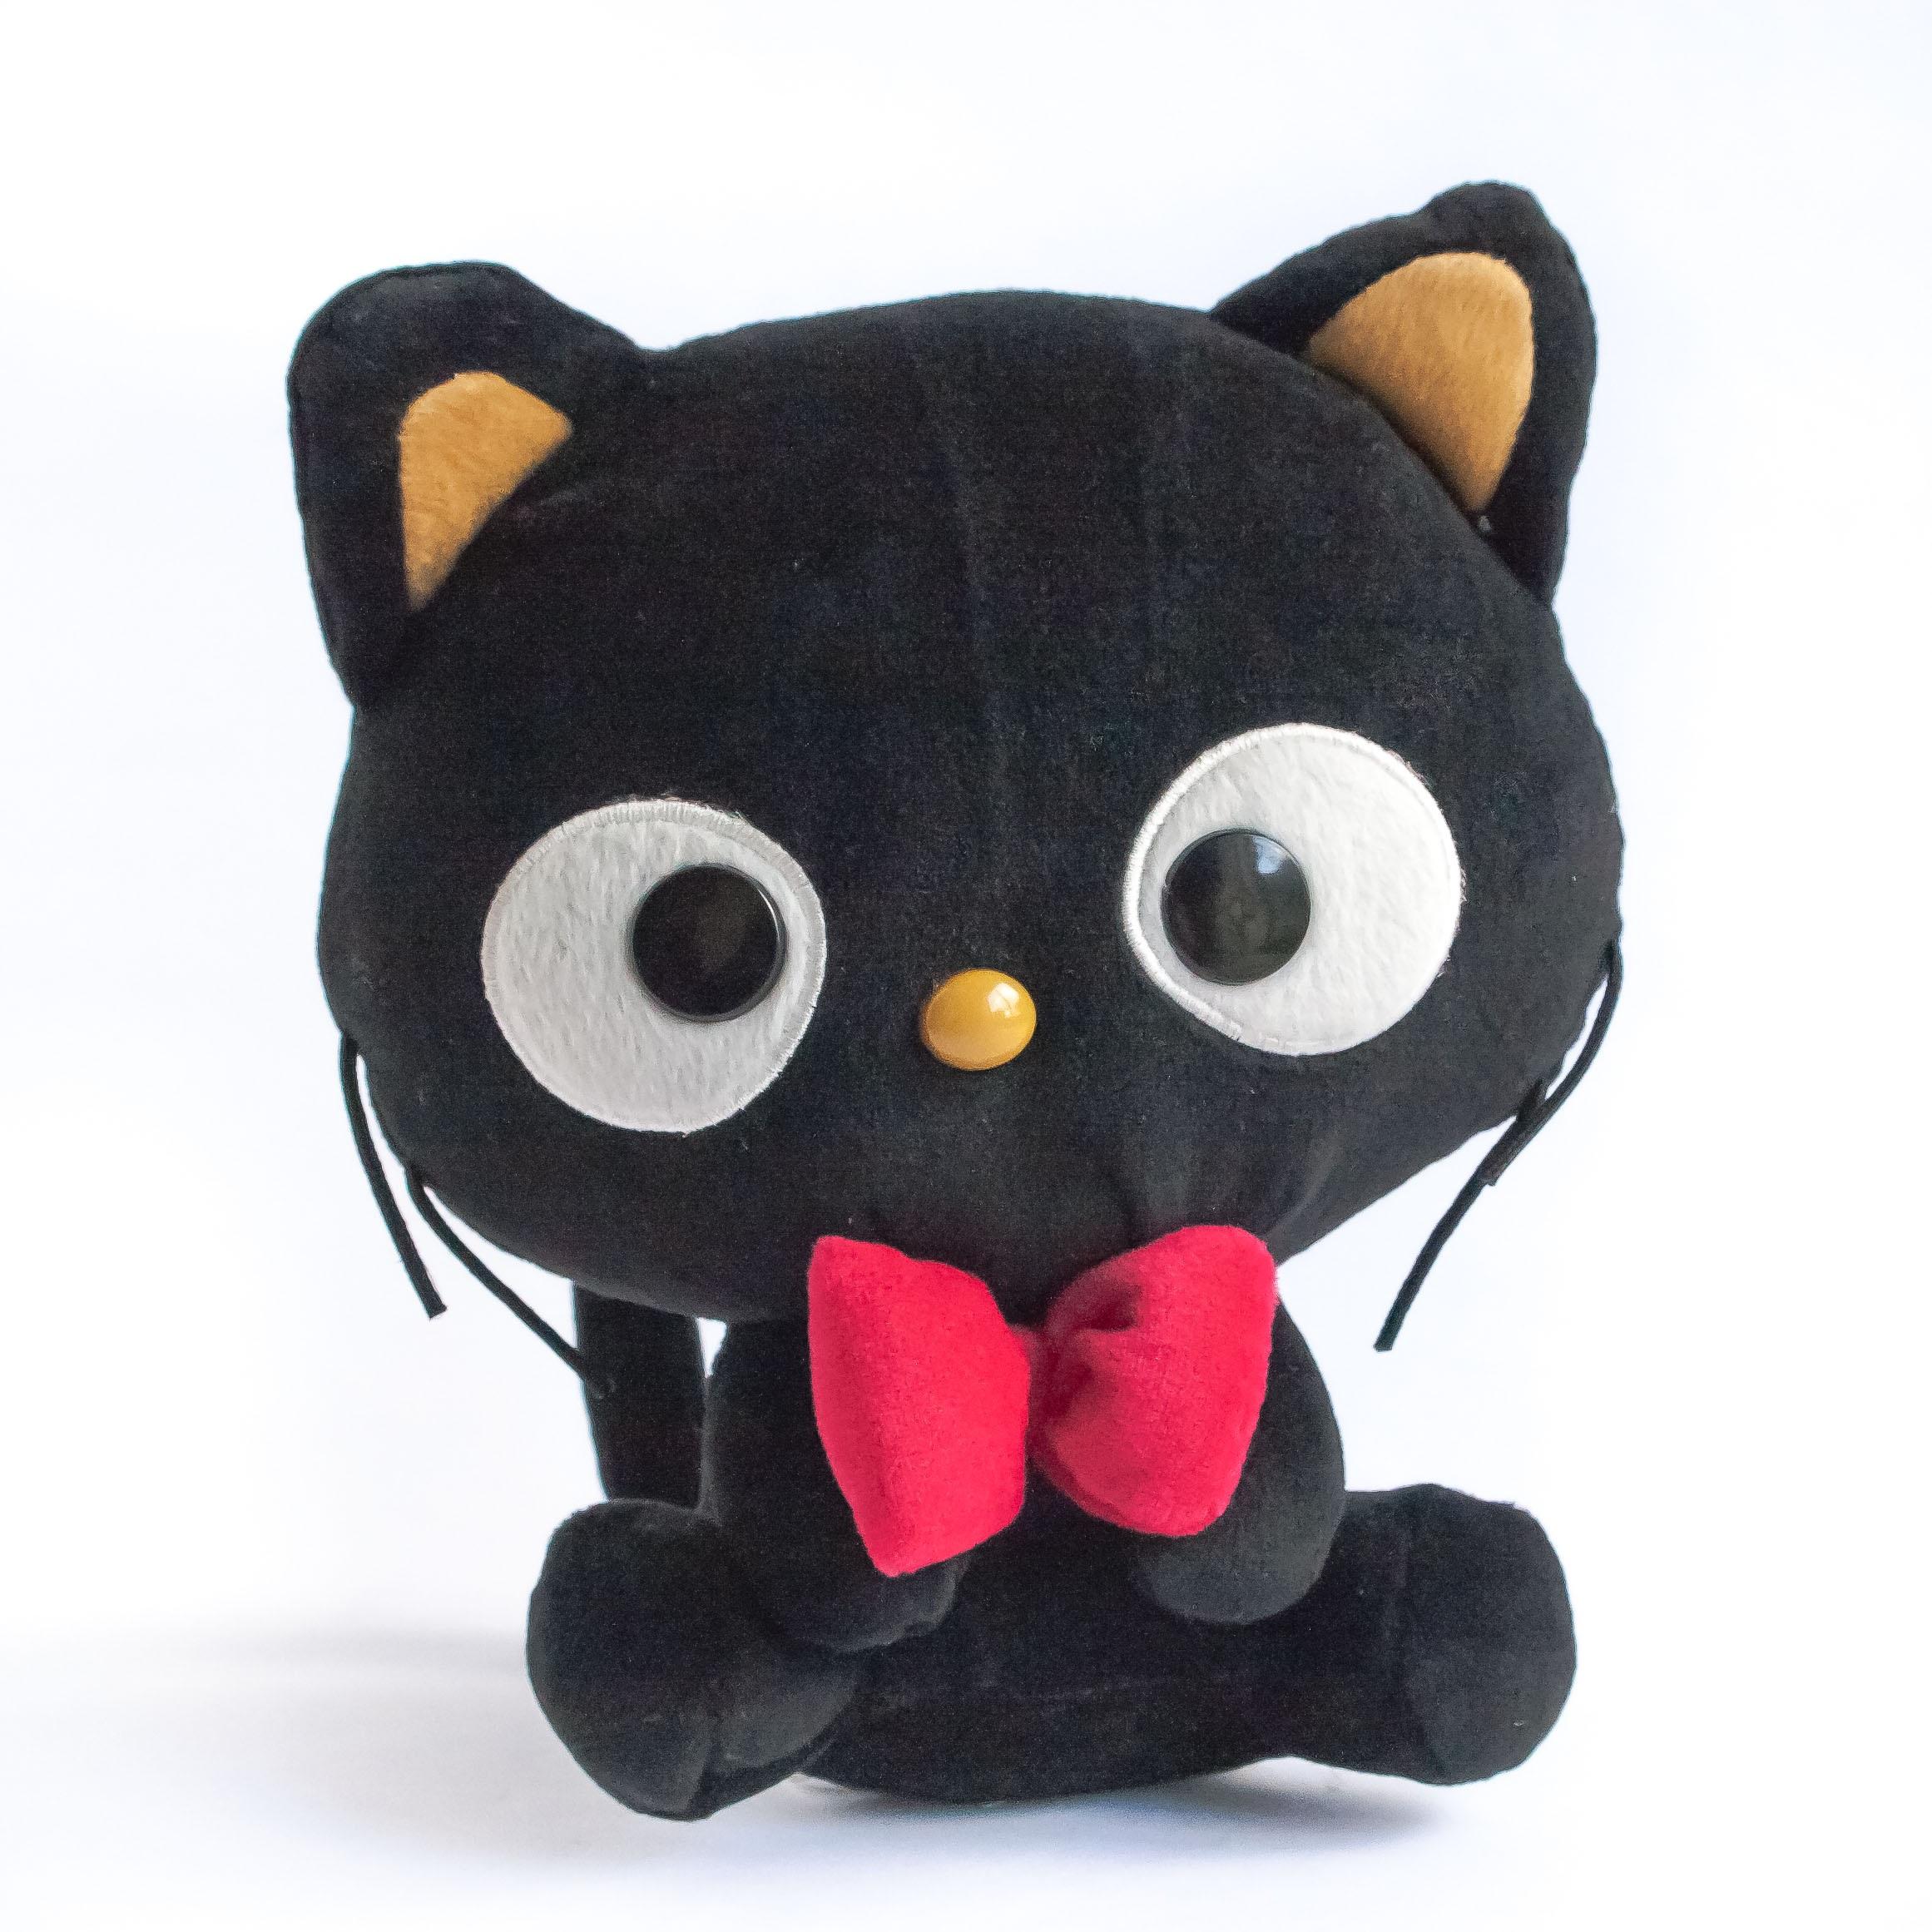 Chococat Bowtie Plush